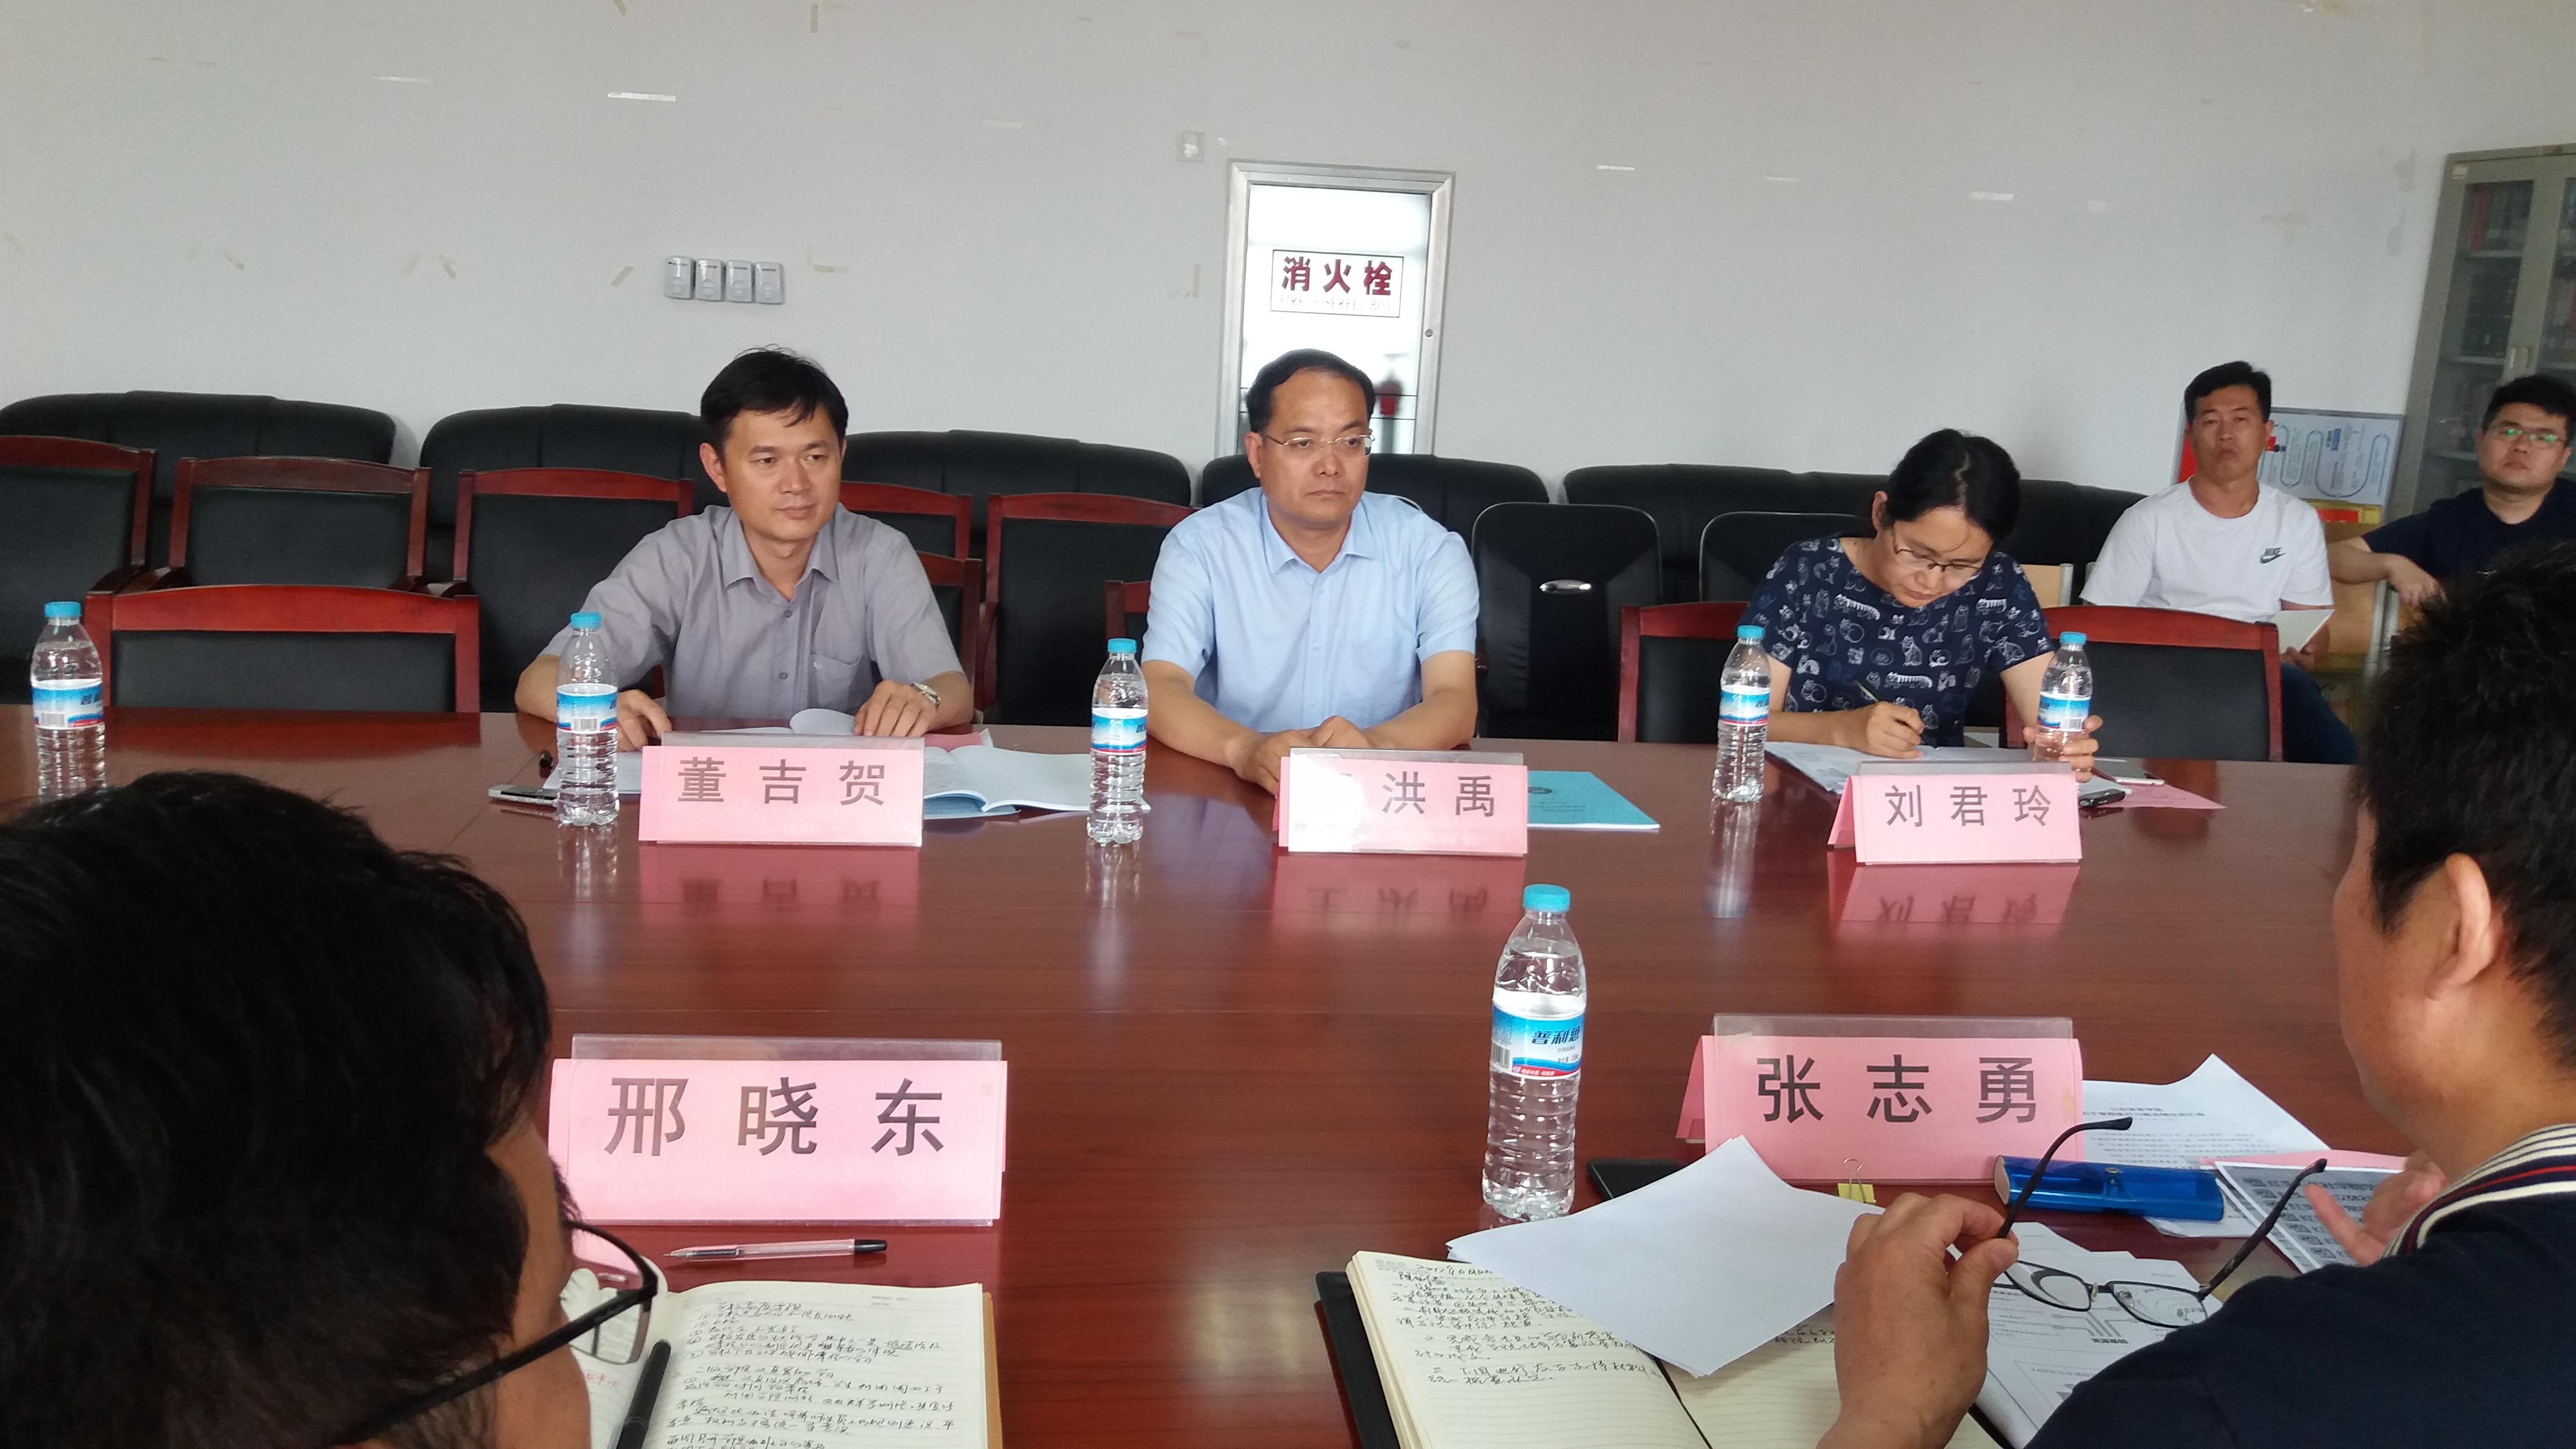 山东省教育厅高校章程执行落实评估专家组